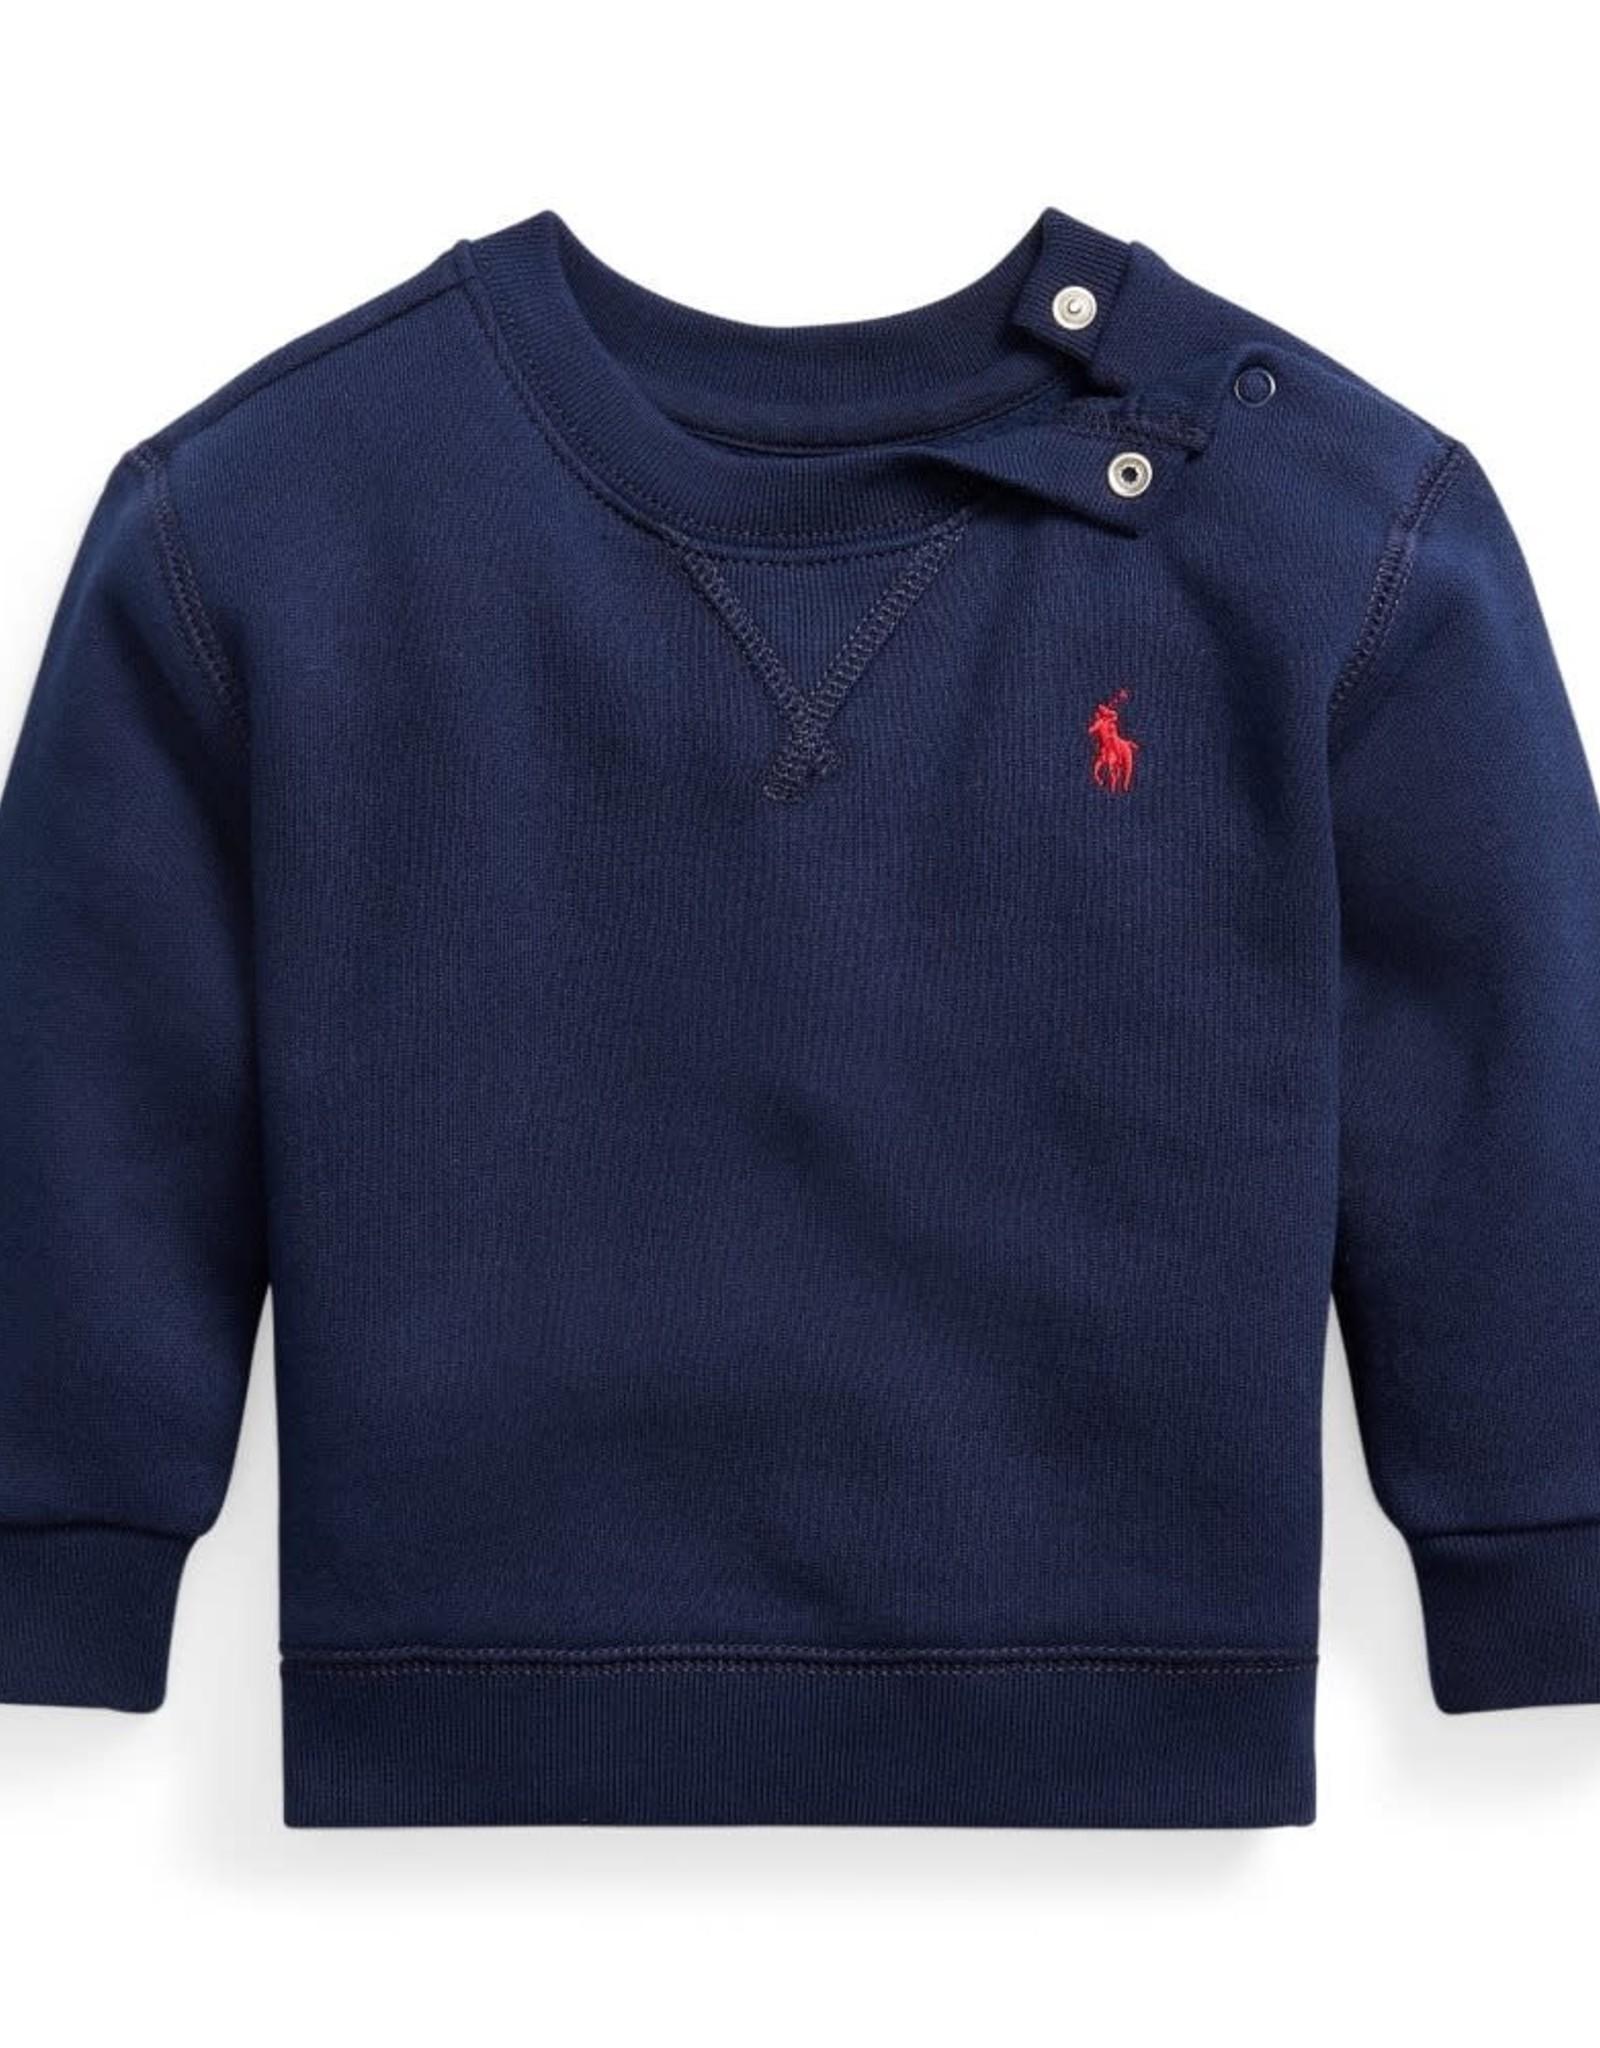 RALPH LAUREN RALPH LAUREN Sweater baby donkerblauw